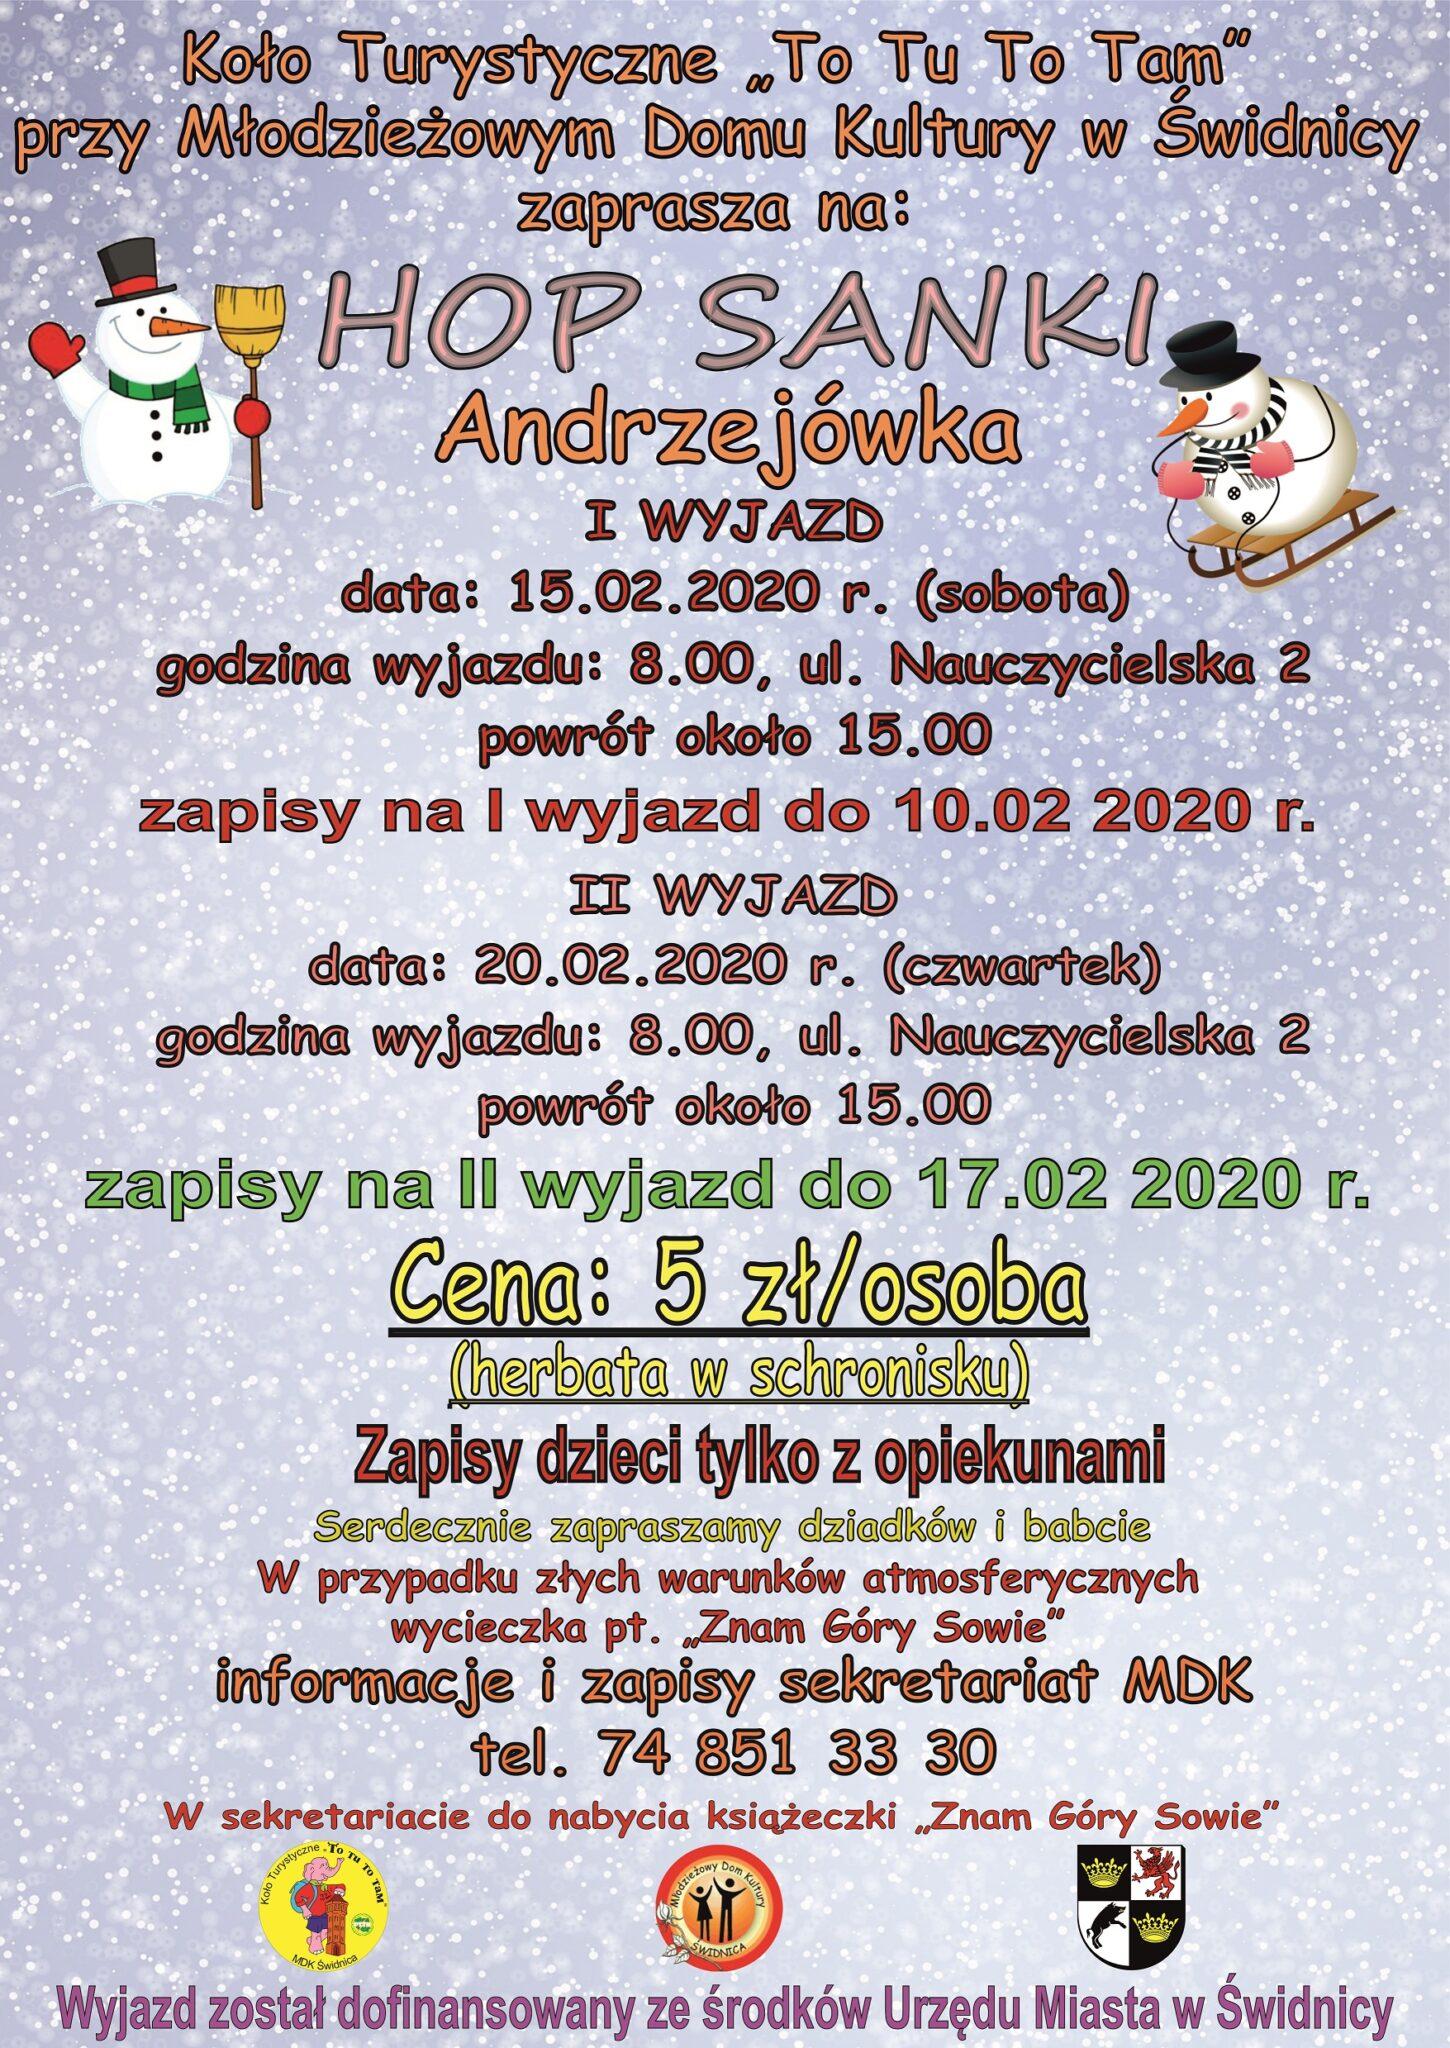 Hop - Sanki przy Andrzejówce